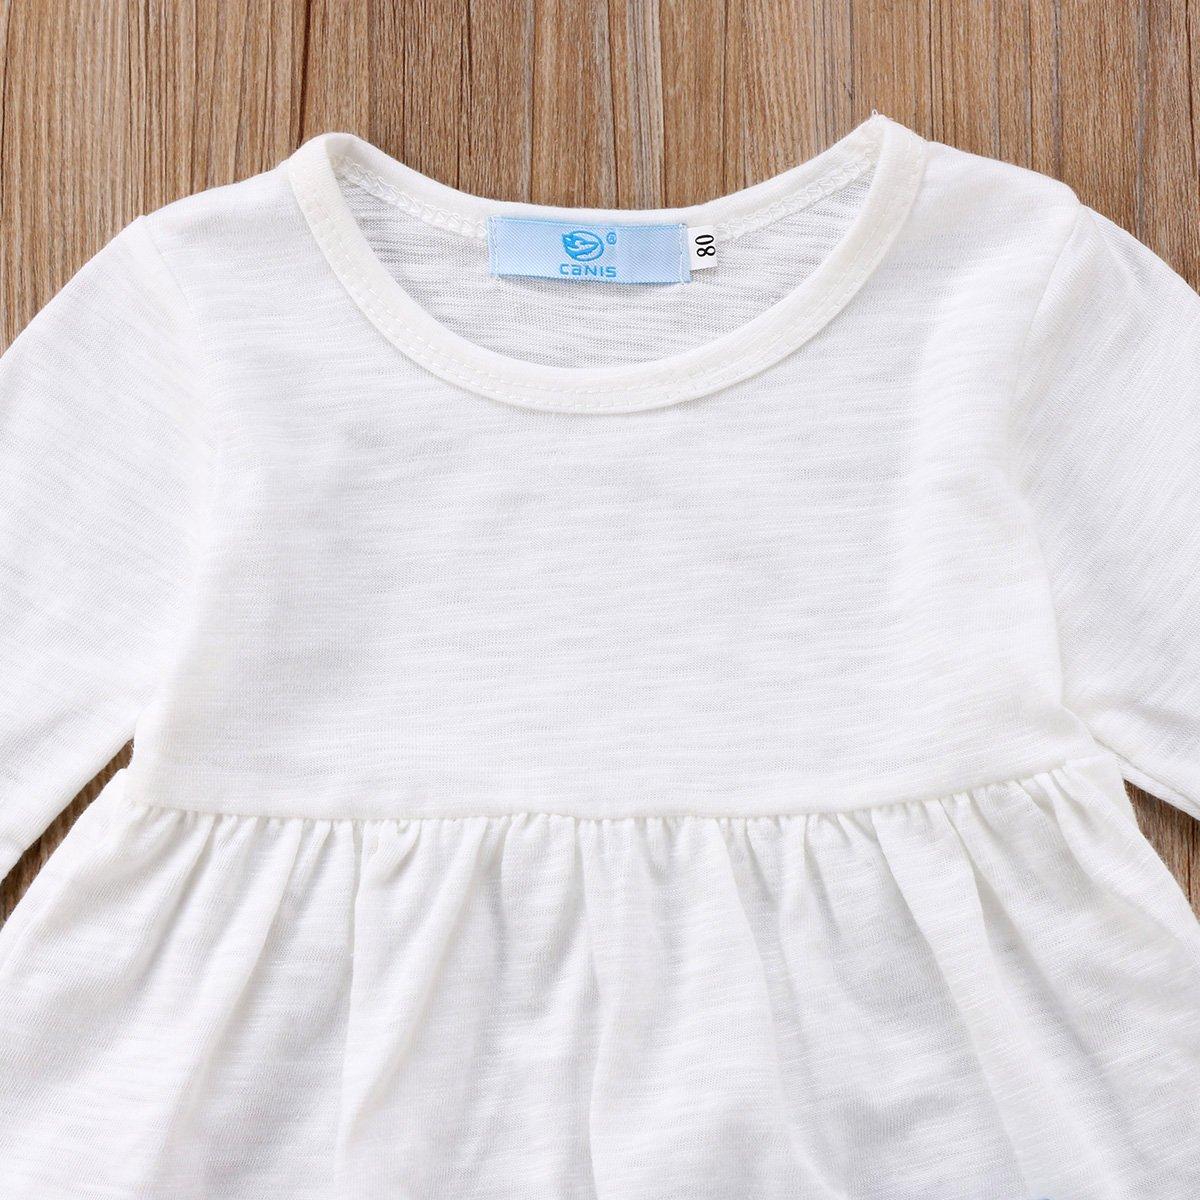 ba9ff1198849 3pcs Baby Girls Kids Off Shoulder Lotus Leaf Top Holes Denim Jeans Headband  Outfits Set larger image